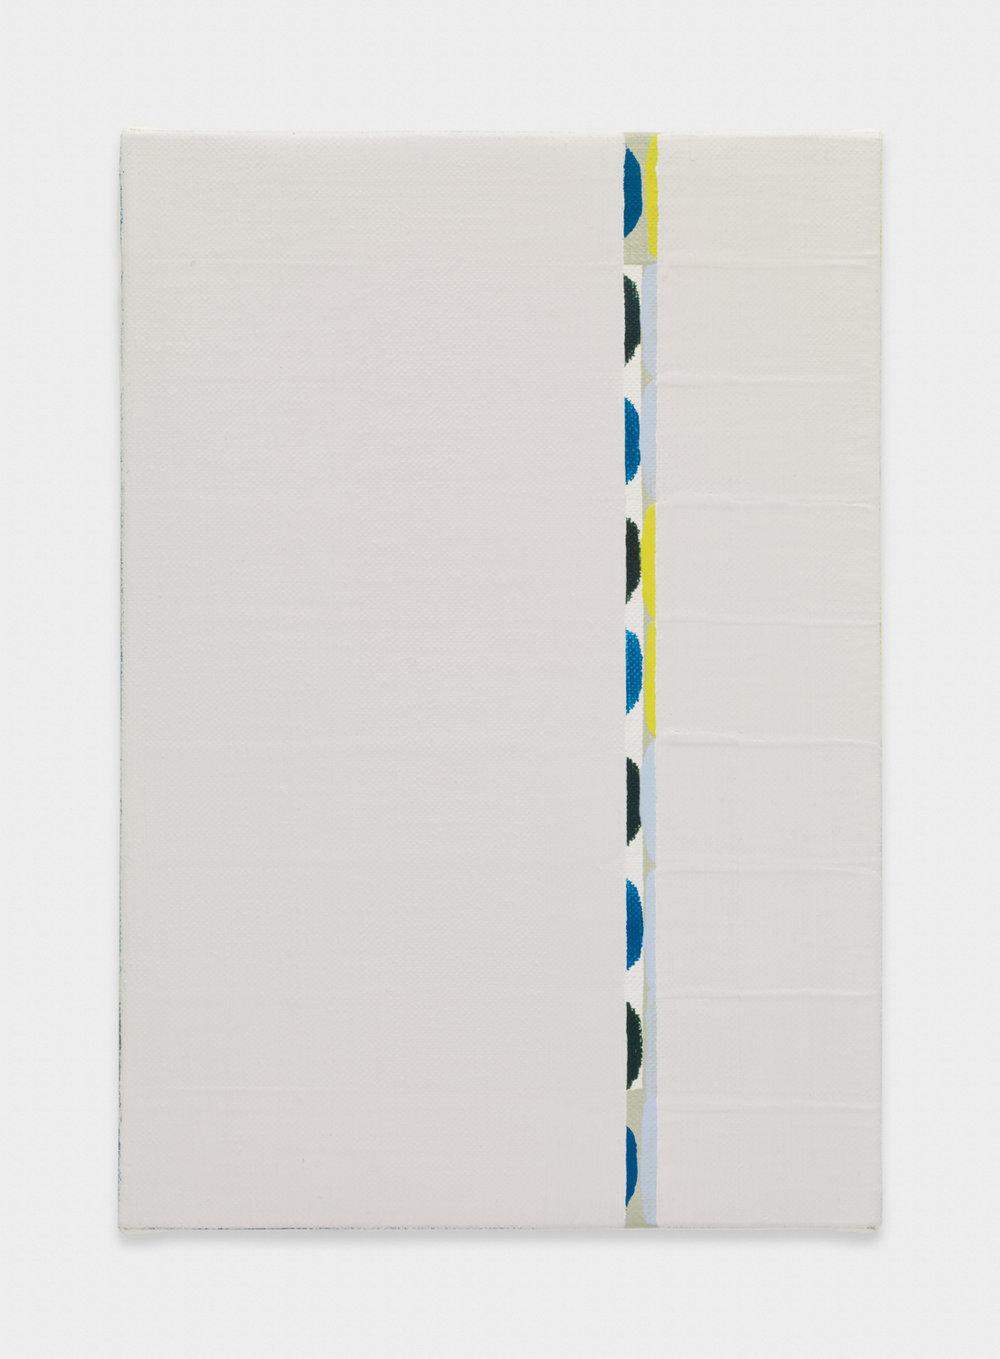 Yui Yaegashi  midstream  2017 Oil on canvas 9 ⅛h x 6 ⅓w in YY103